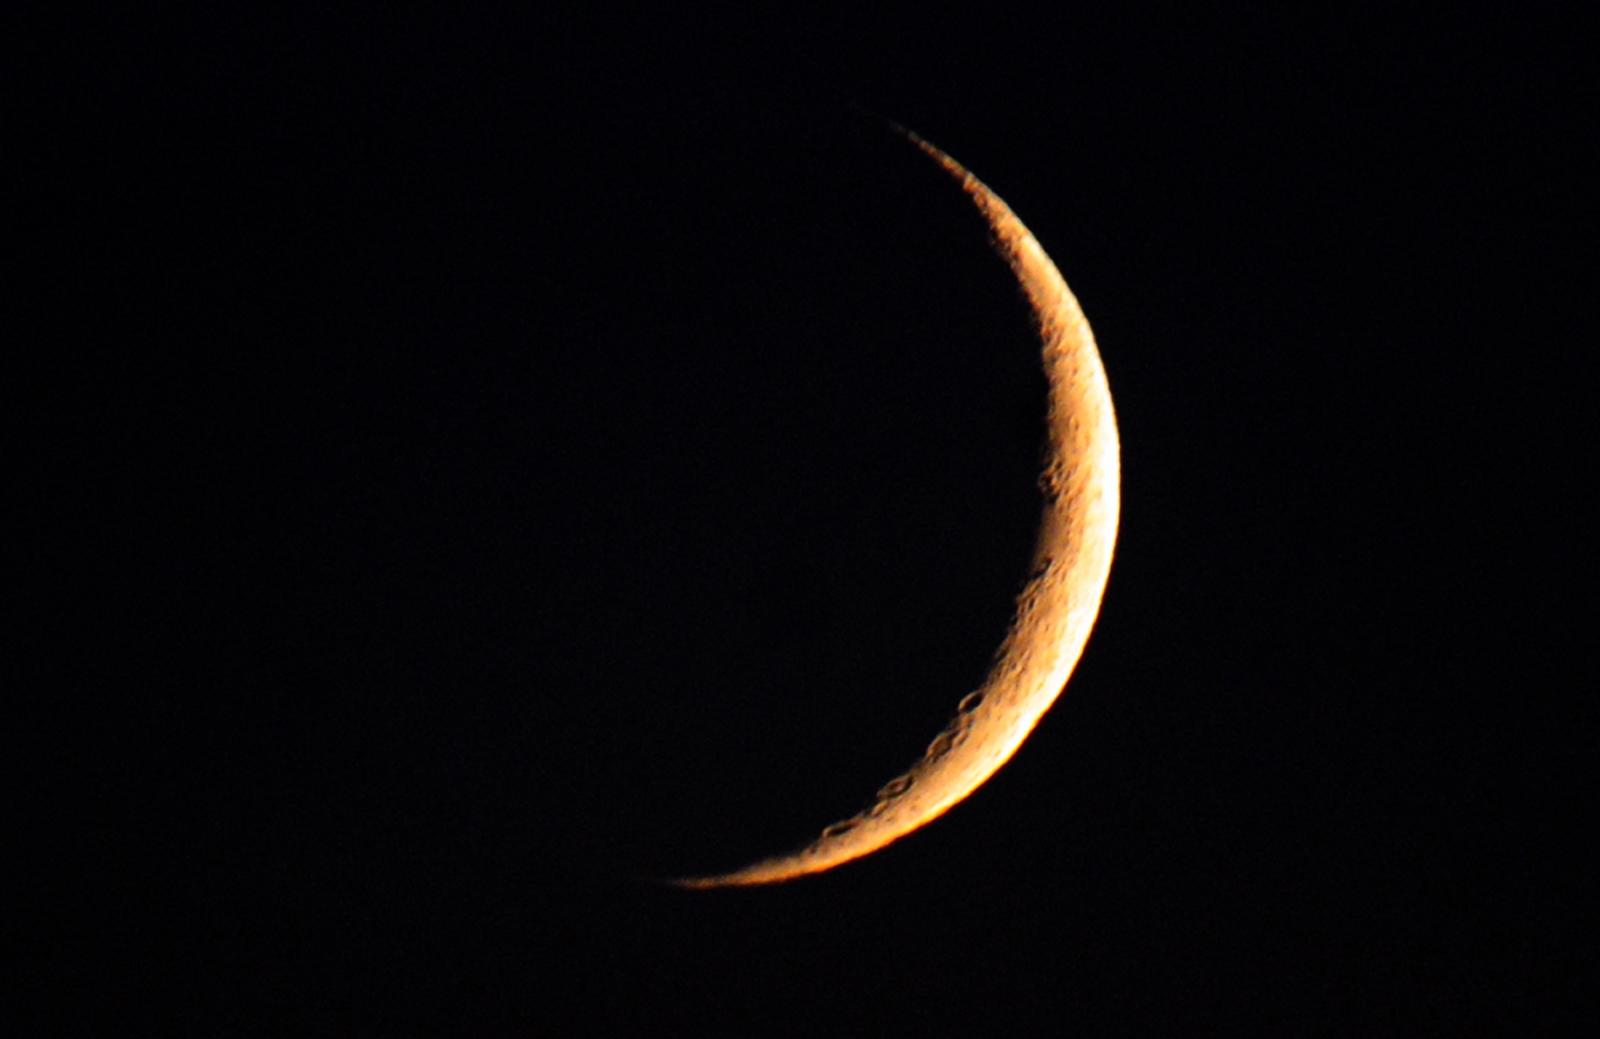 Eid al-fitr moon sighting